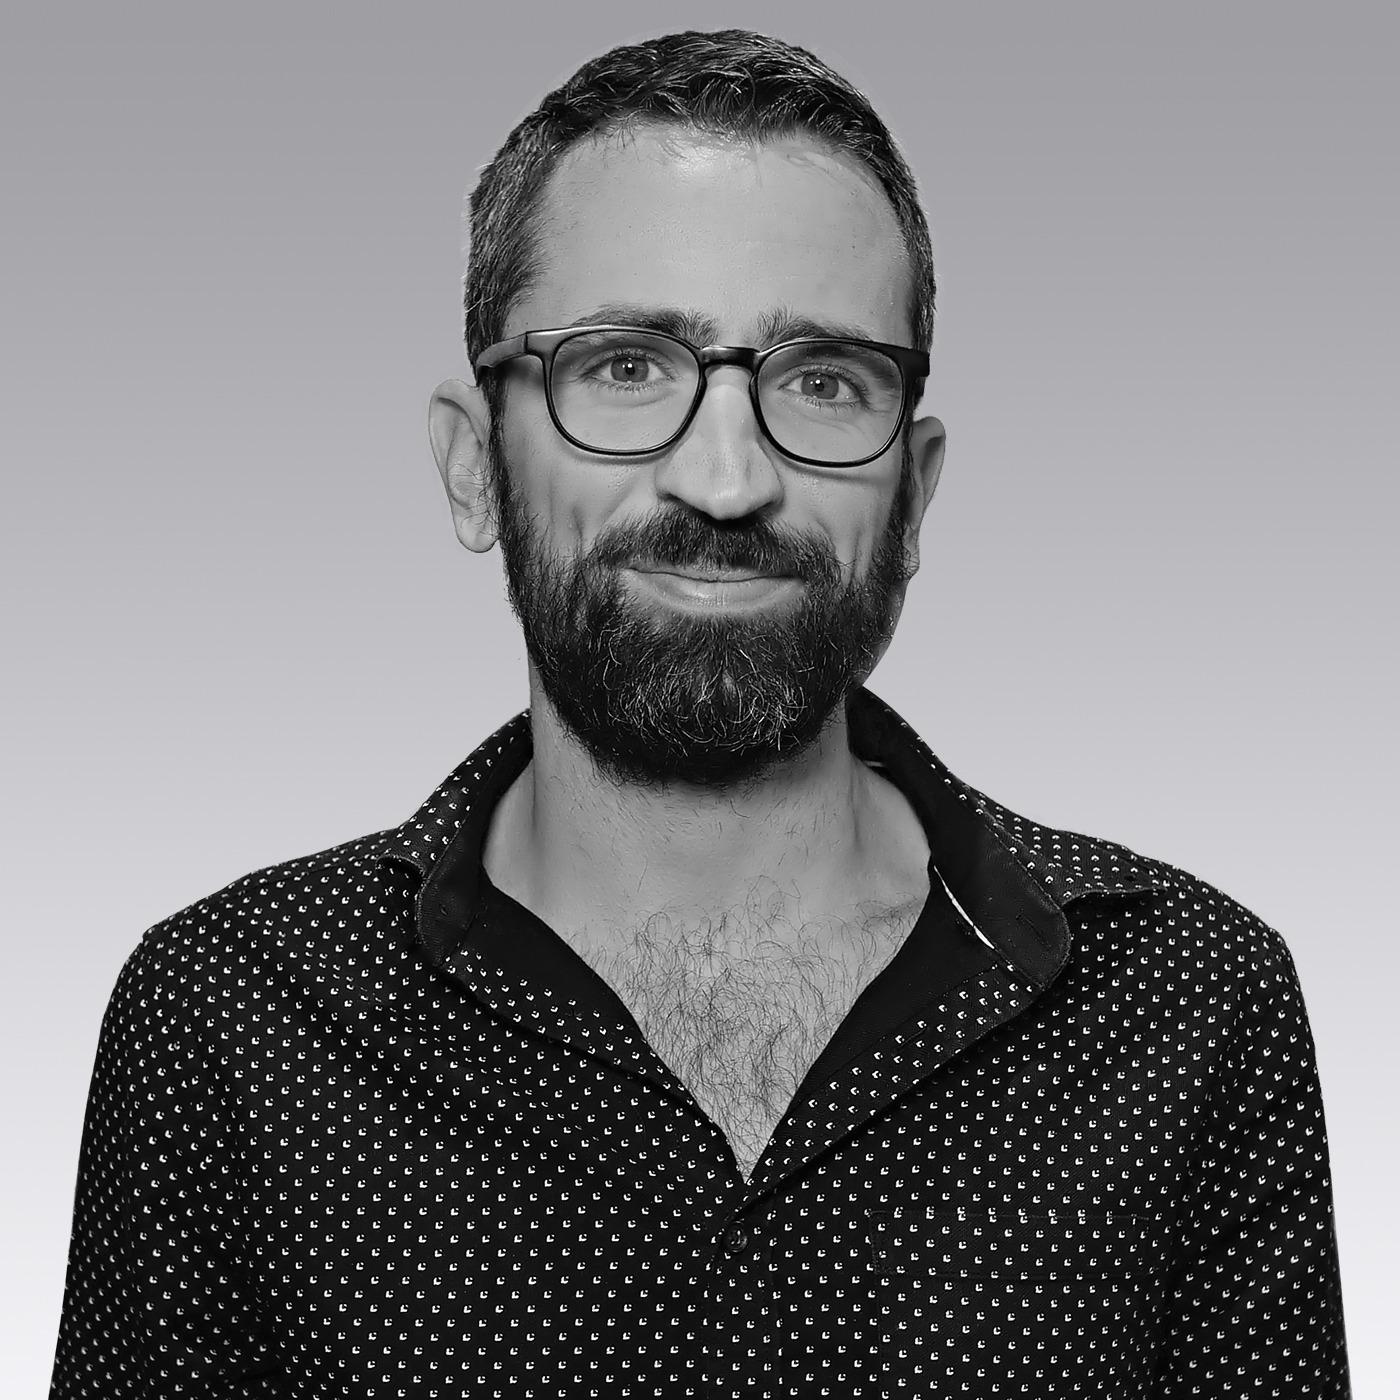 Gianni Marangelli